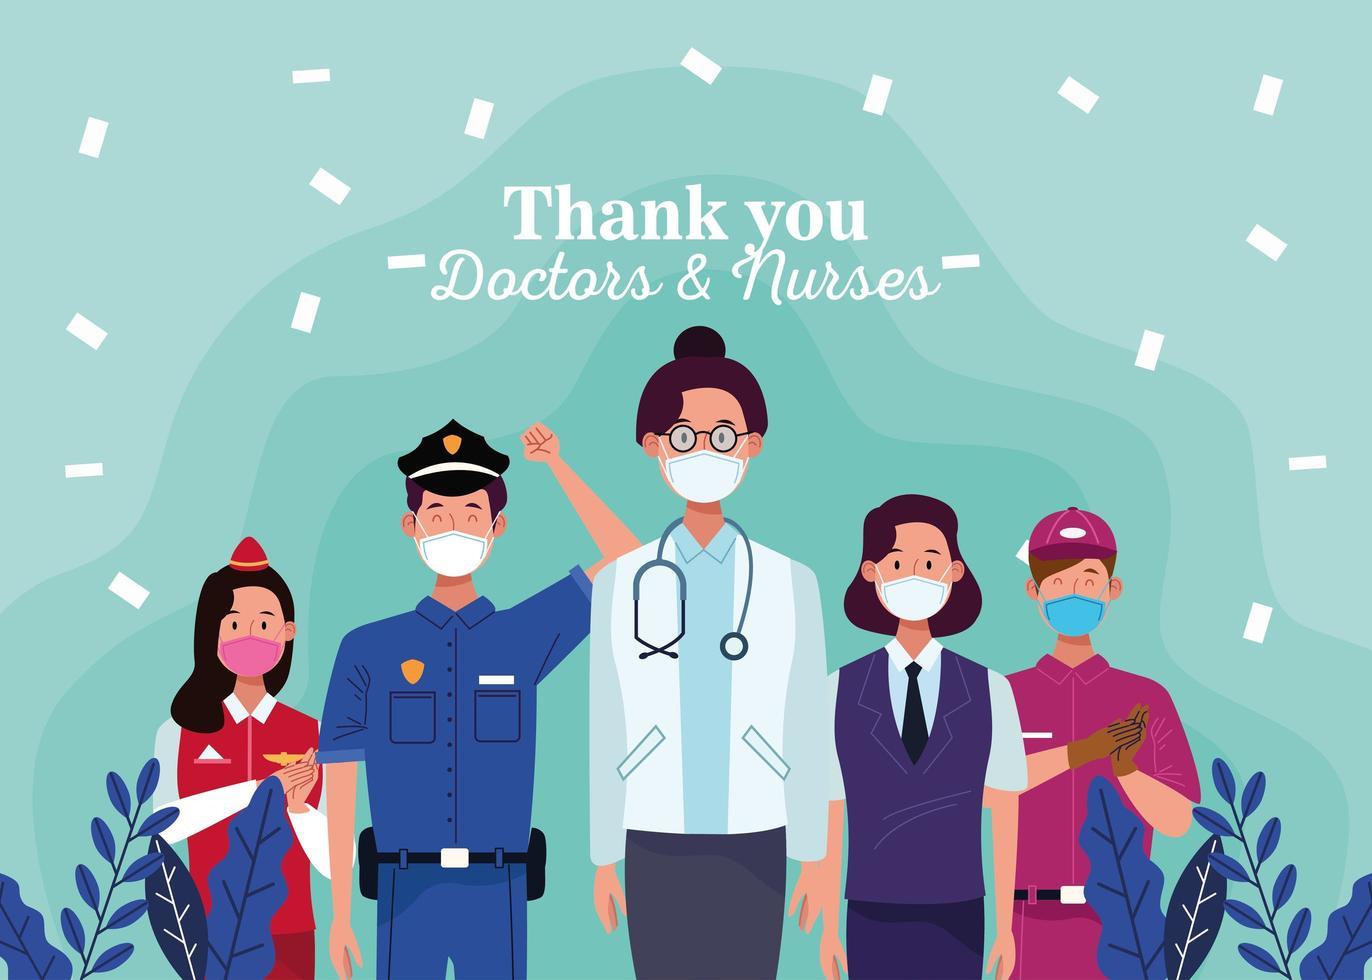 lavoratori che utilizzano maschere mediche con messaggio di ringraziamento a medici e infermieri vettore